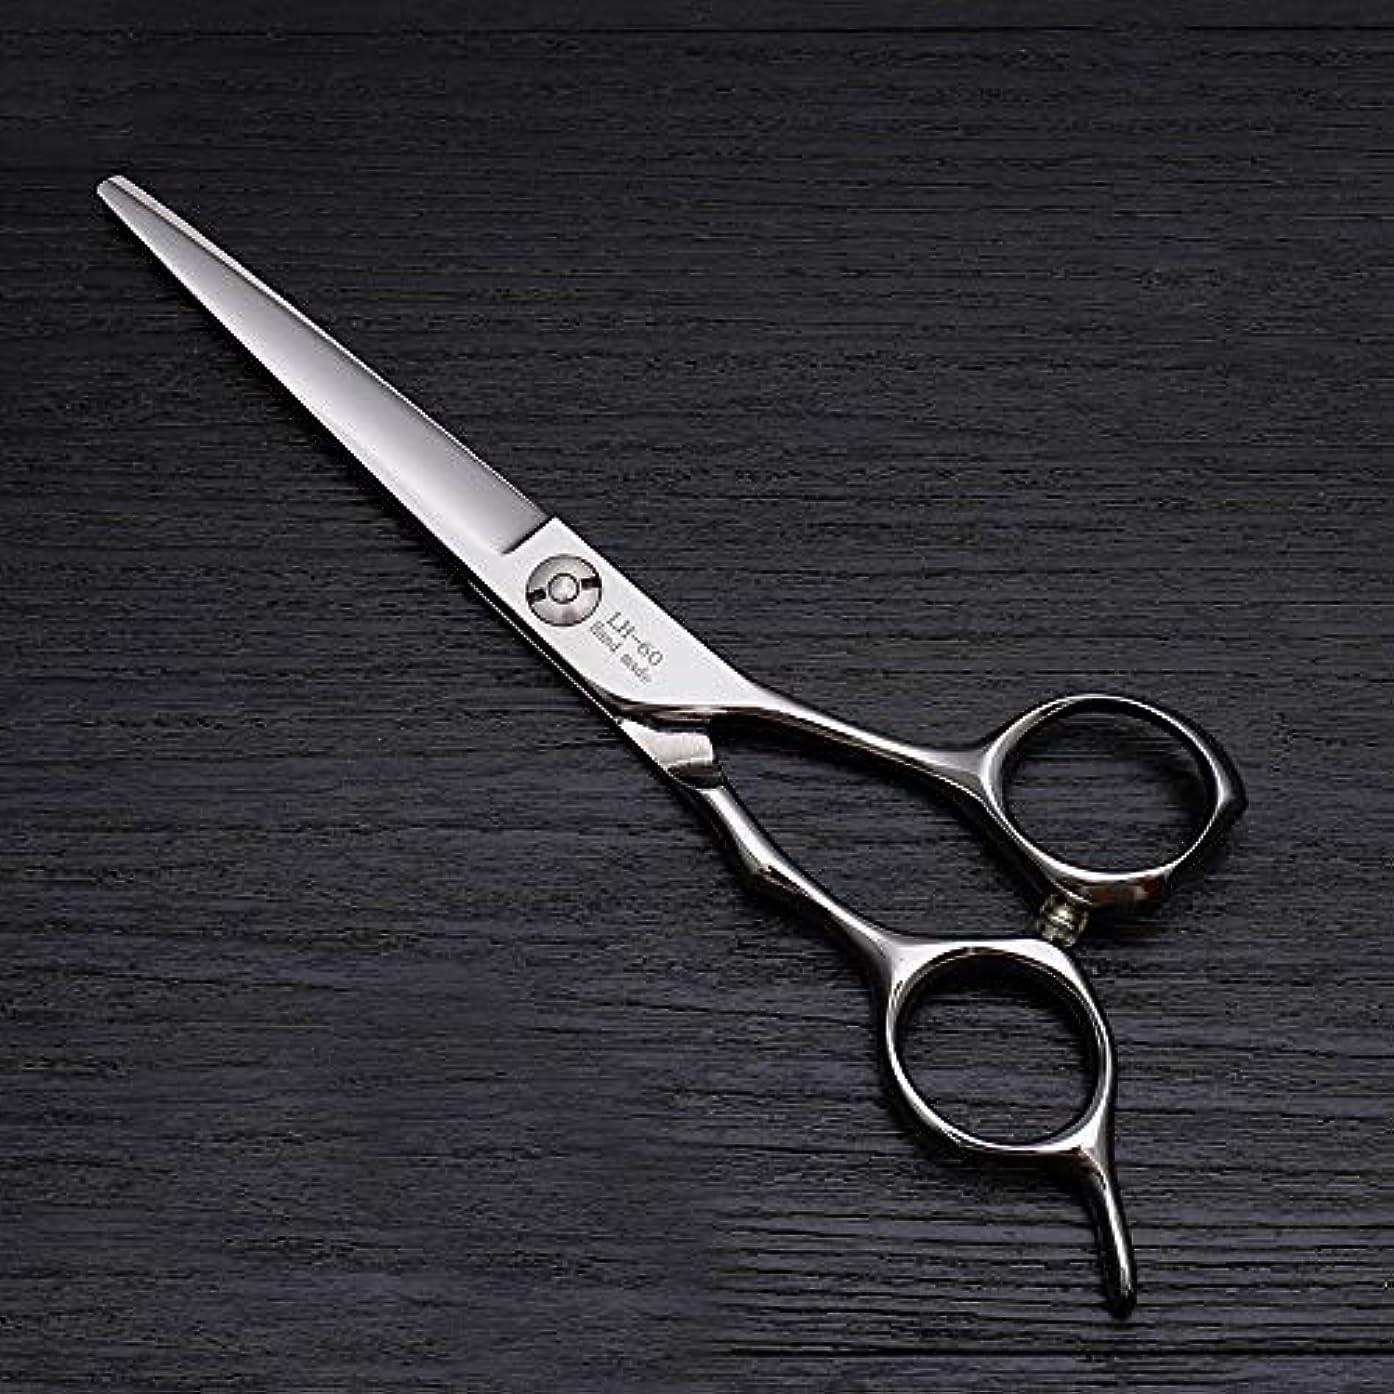 問い合わせる粘土相対的6インチヘアカットフラットせん断、440高品質スチールハイエンドヘアスタイリスト特別理髪はさみ モデリングツール (色 : Silver)